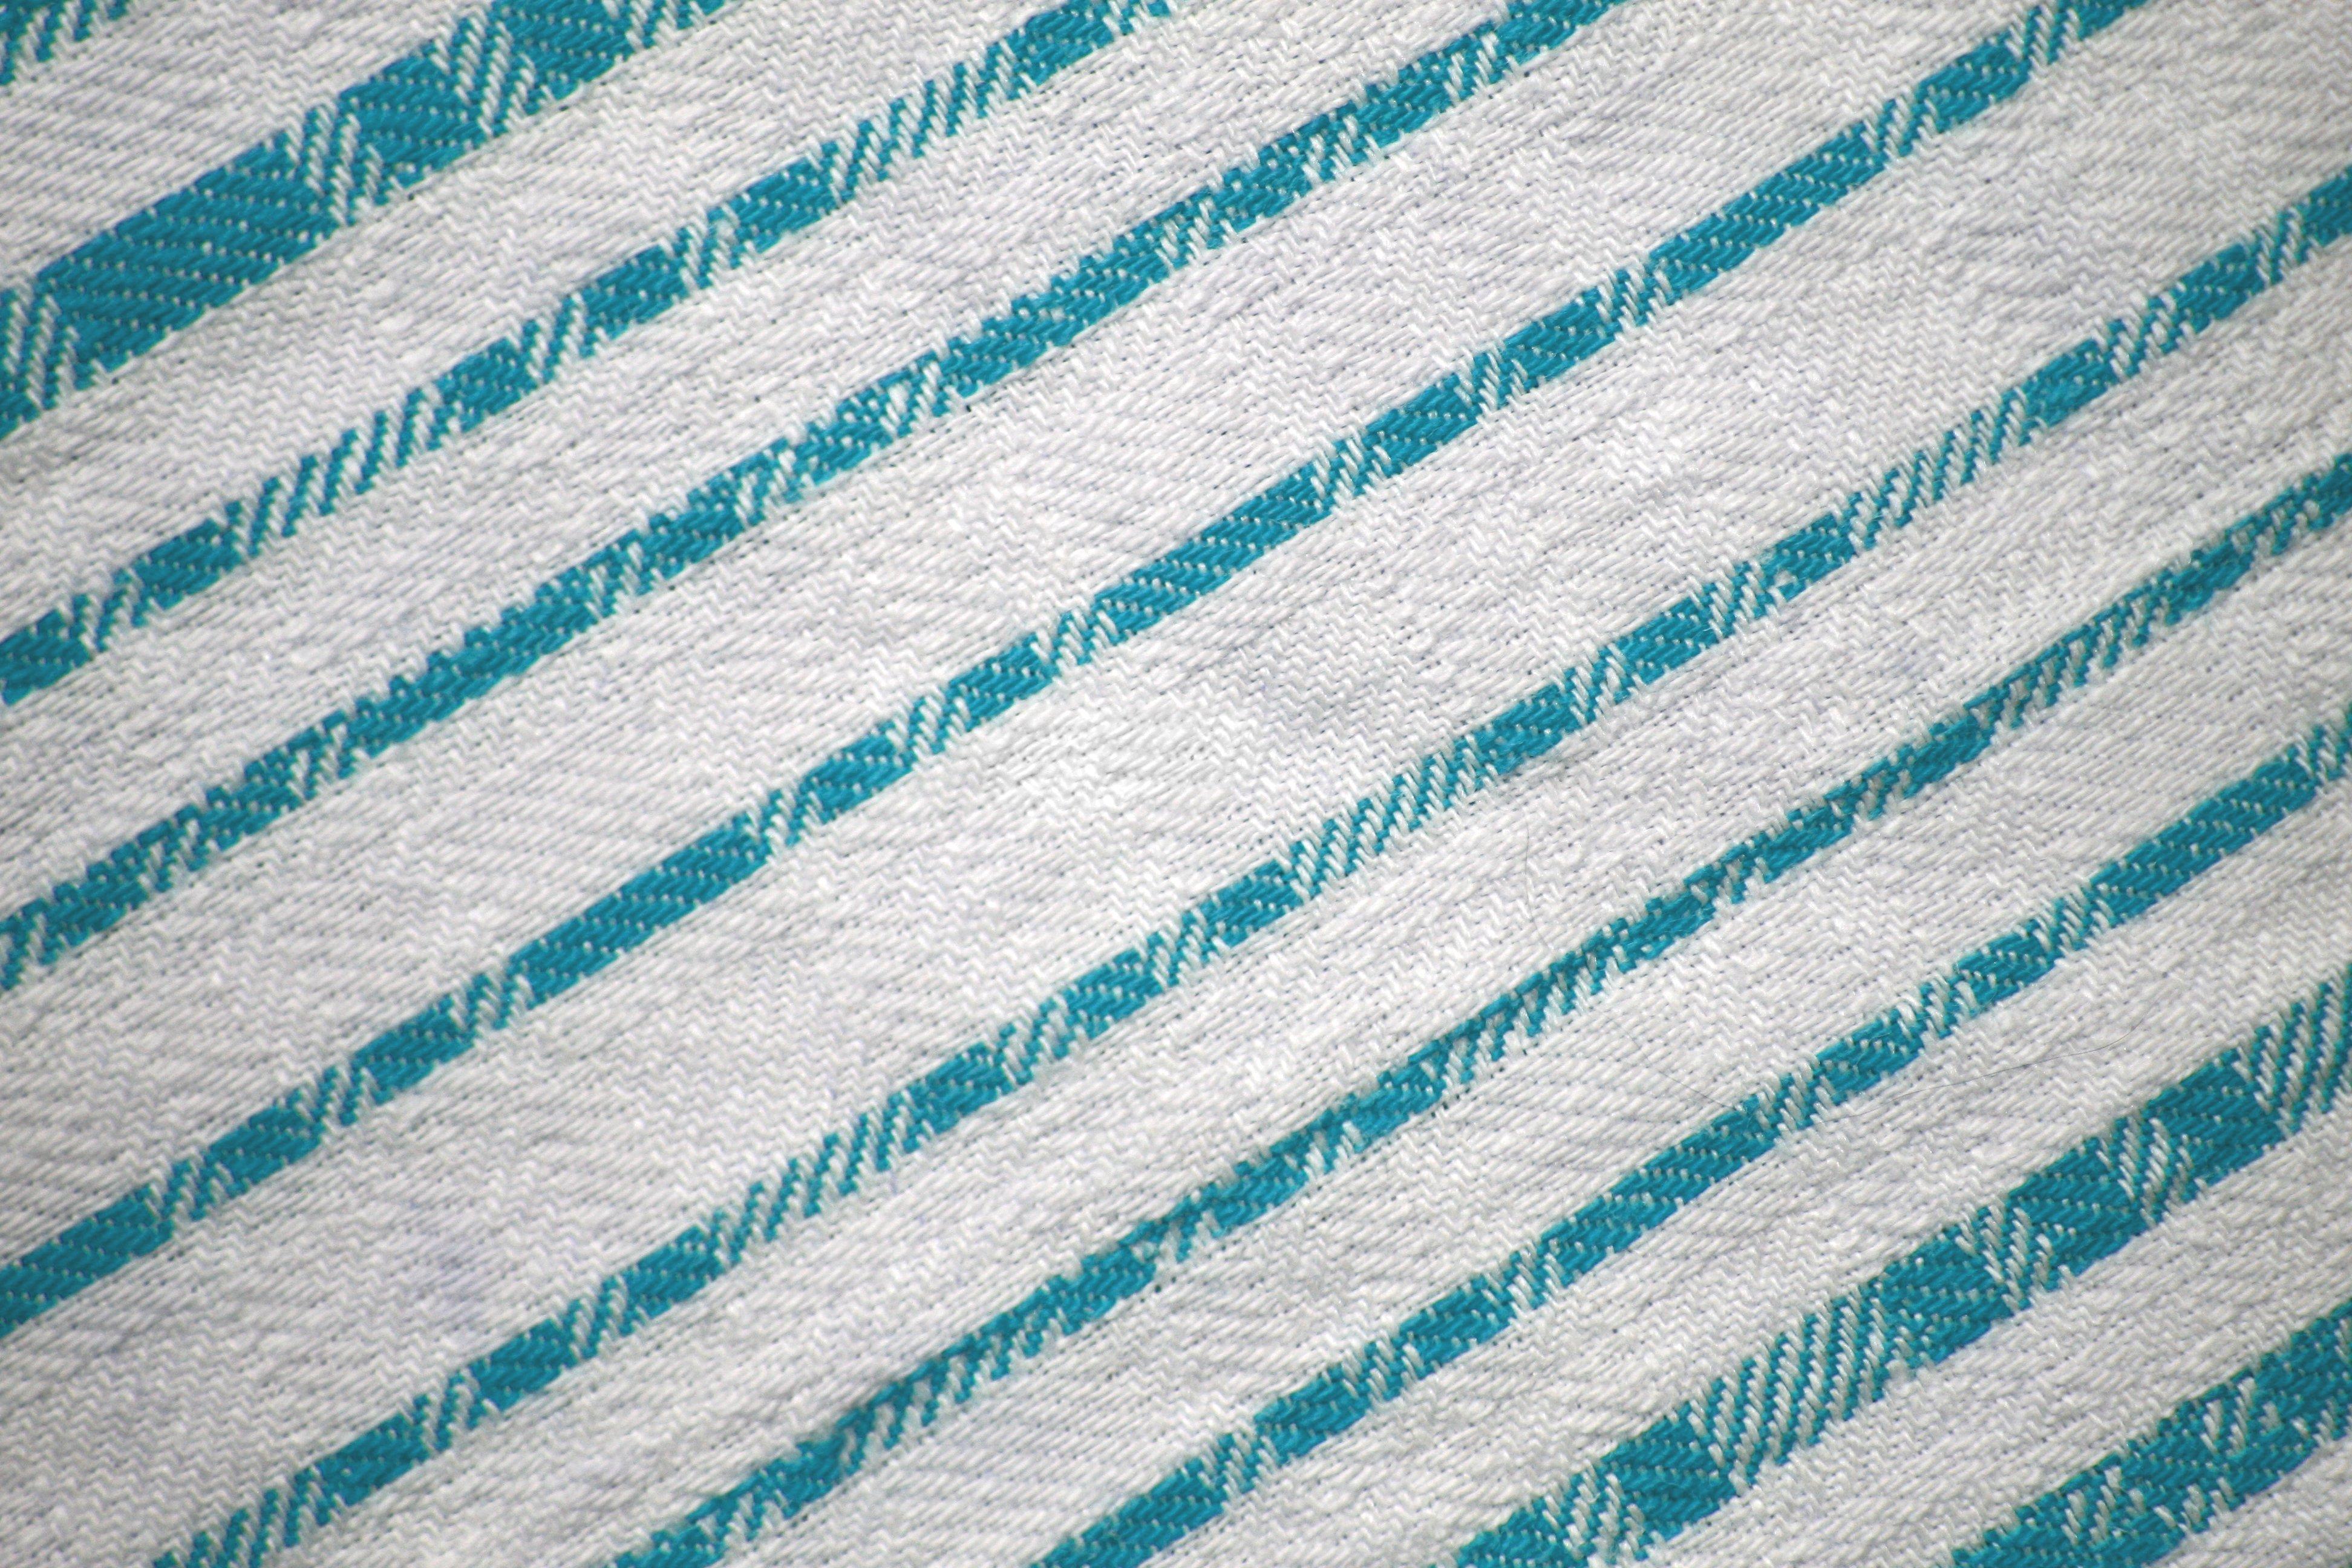 Teal On White Diagonal Stripes Fabric Texture